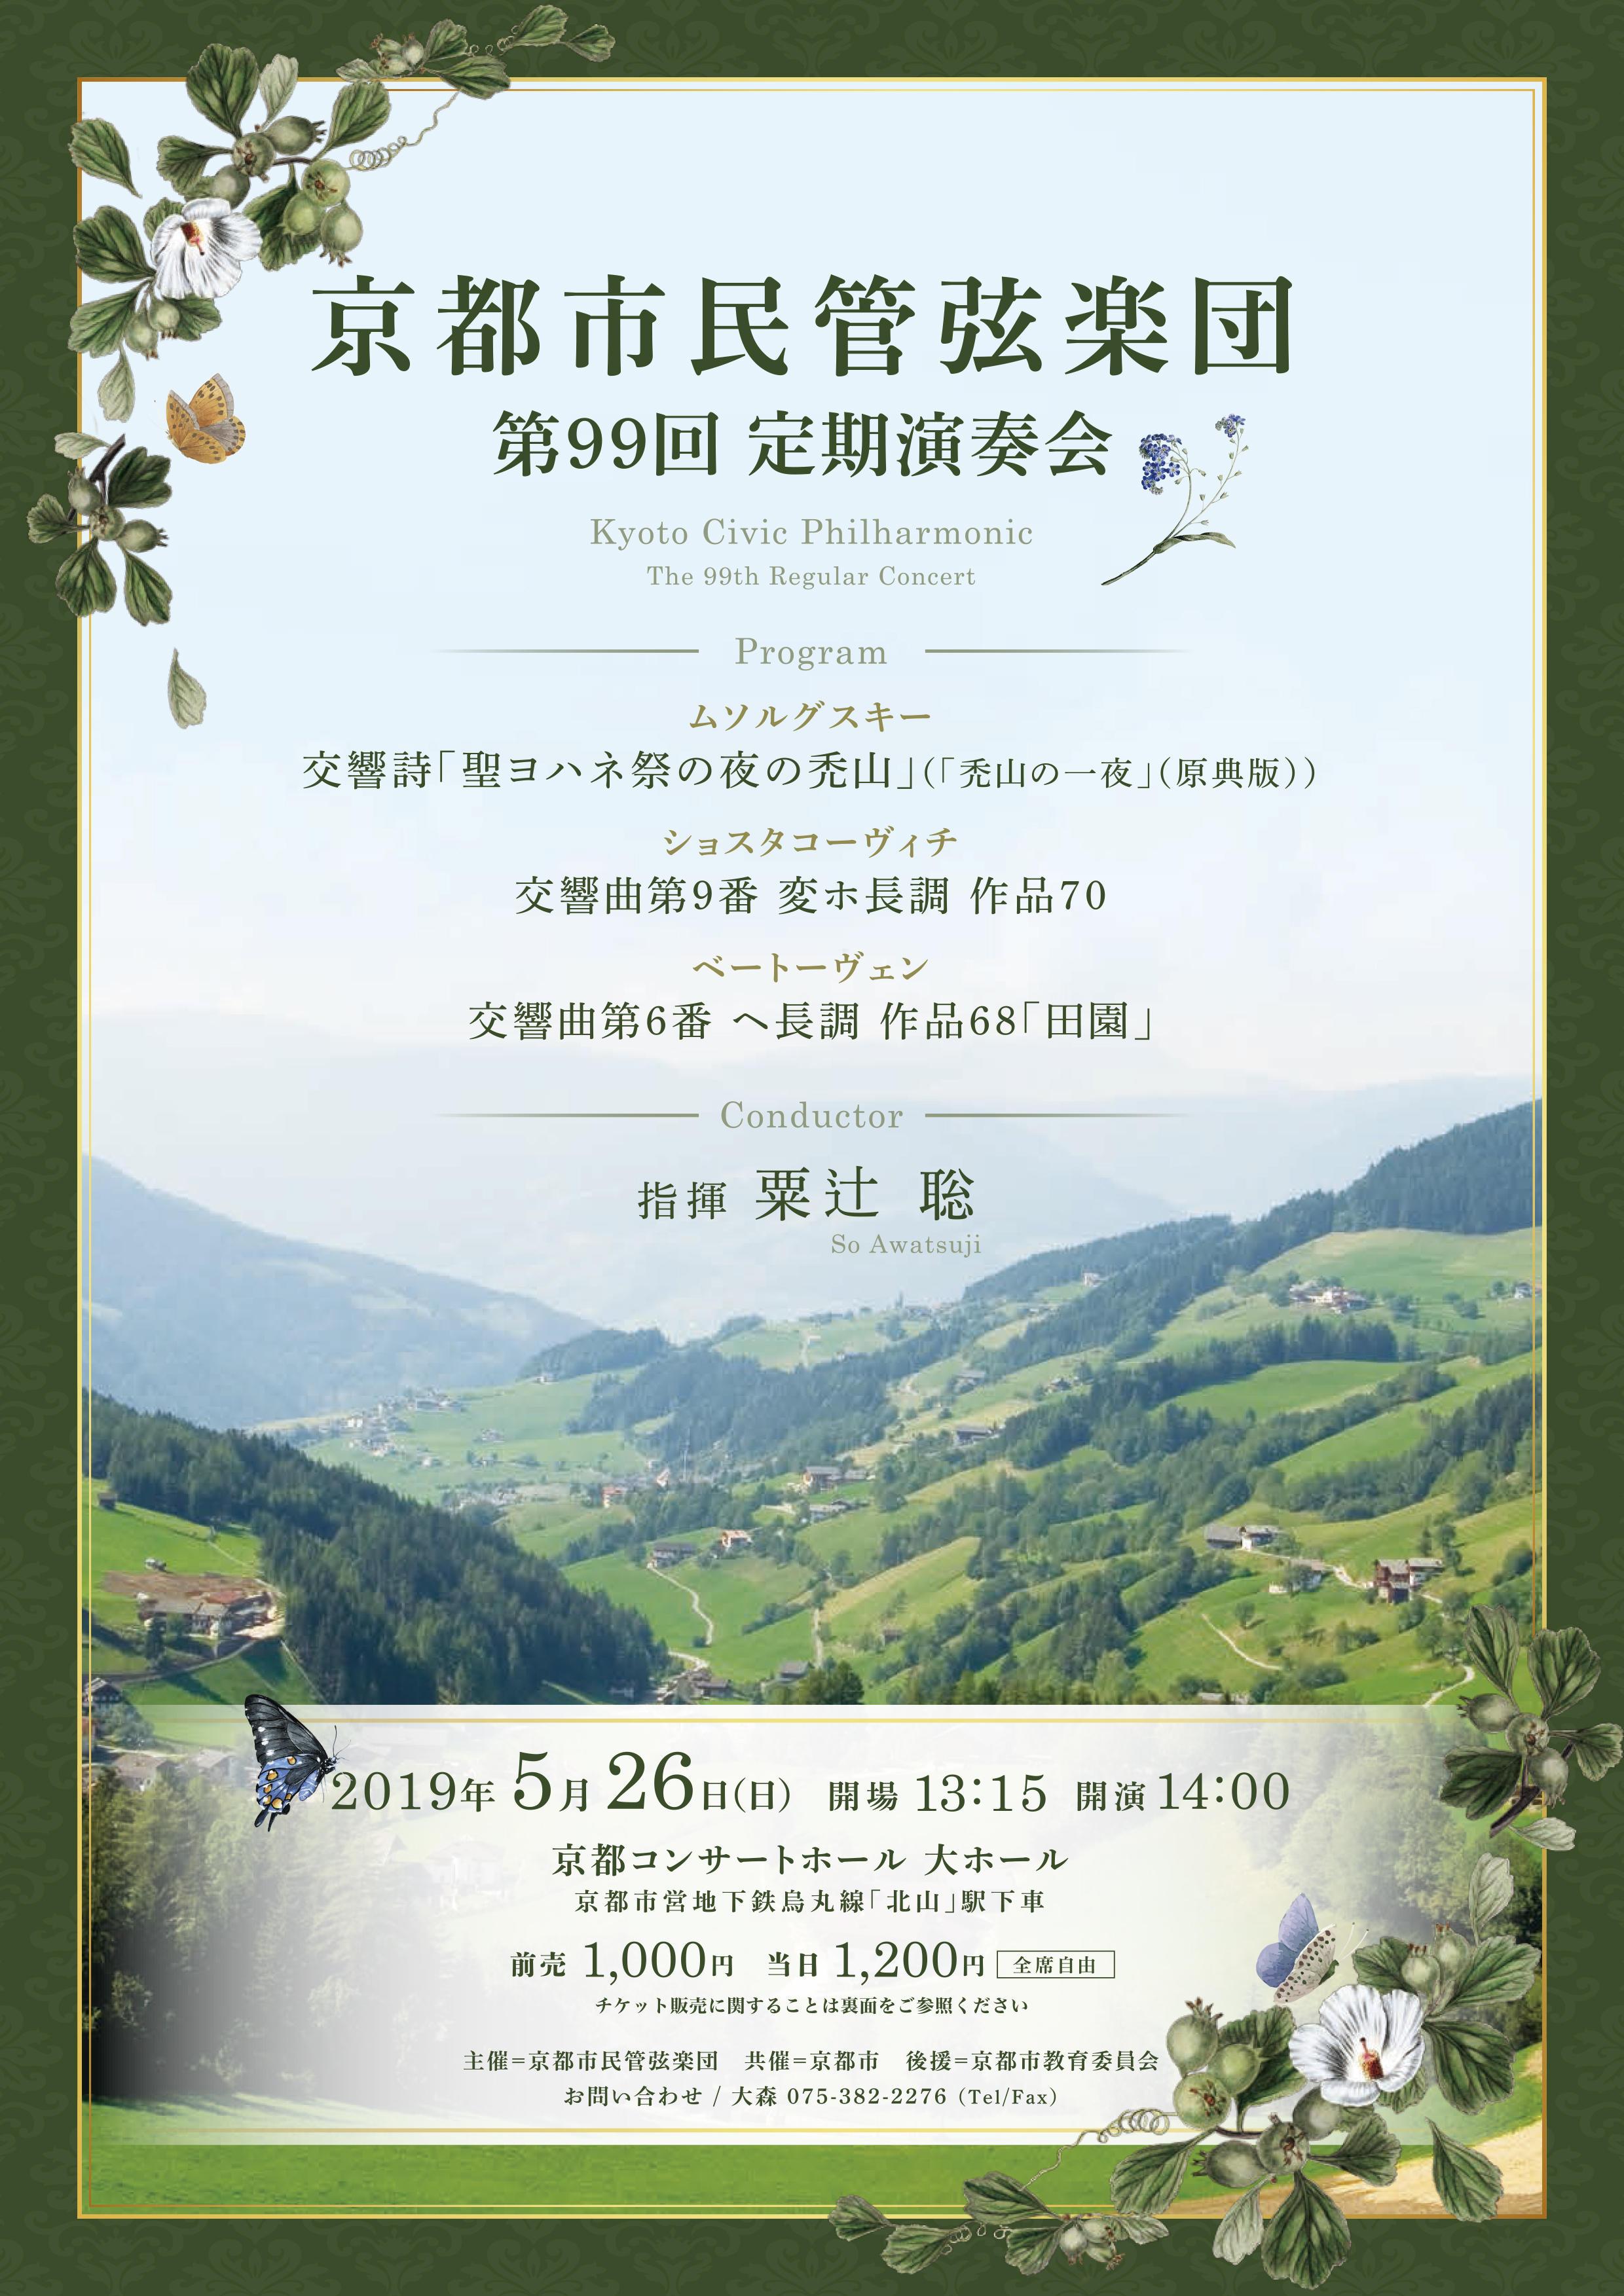 5/26 京都市民管弦楽団第99回定期演奏会